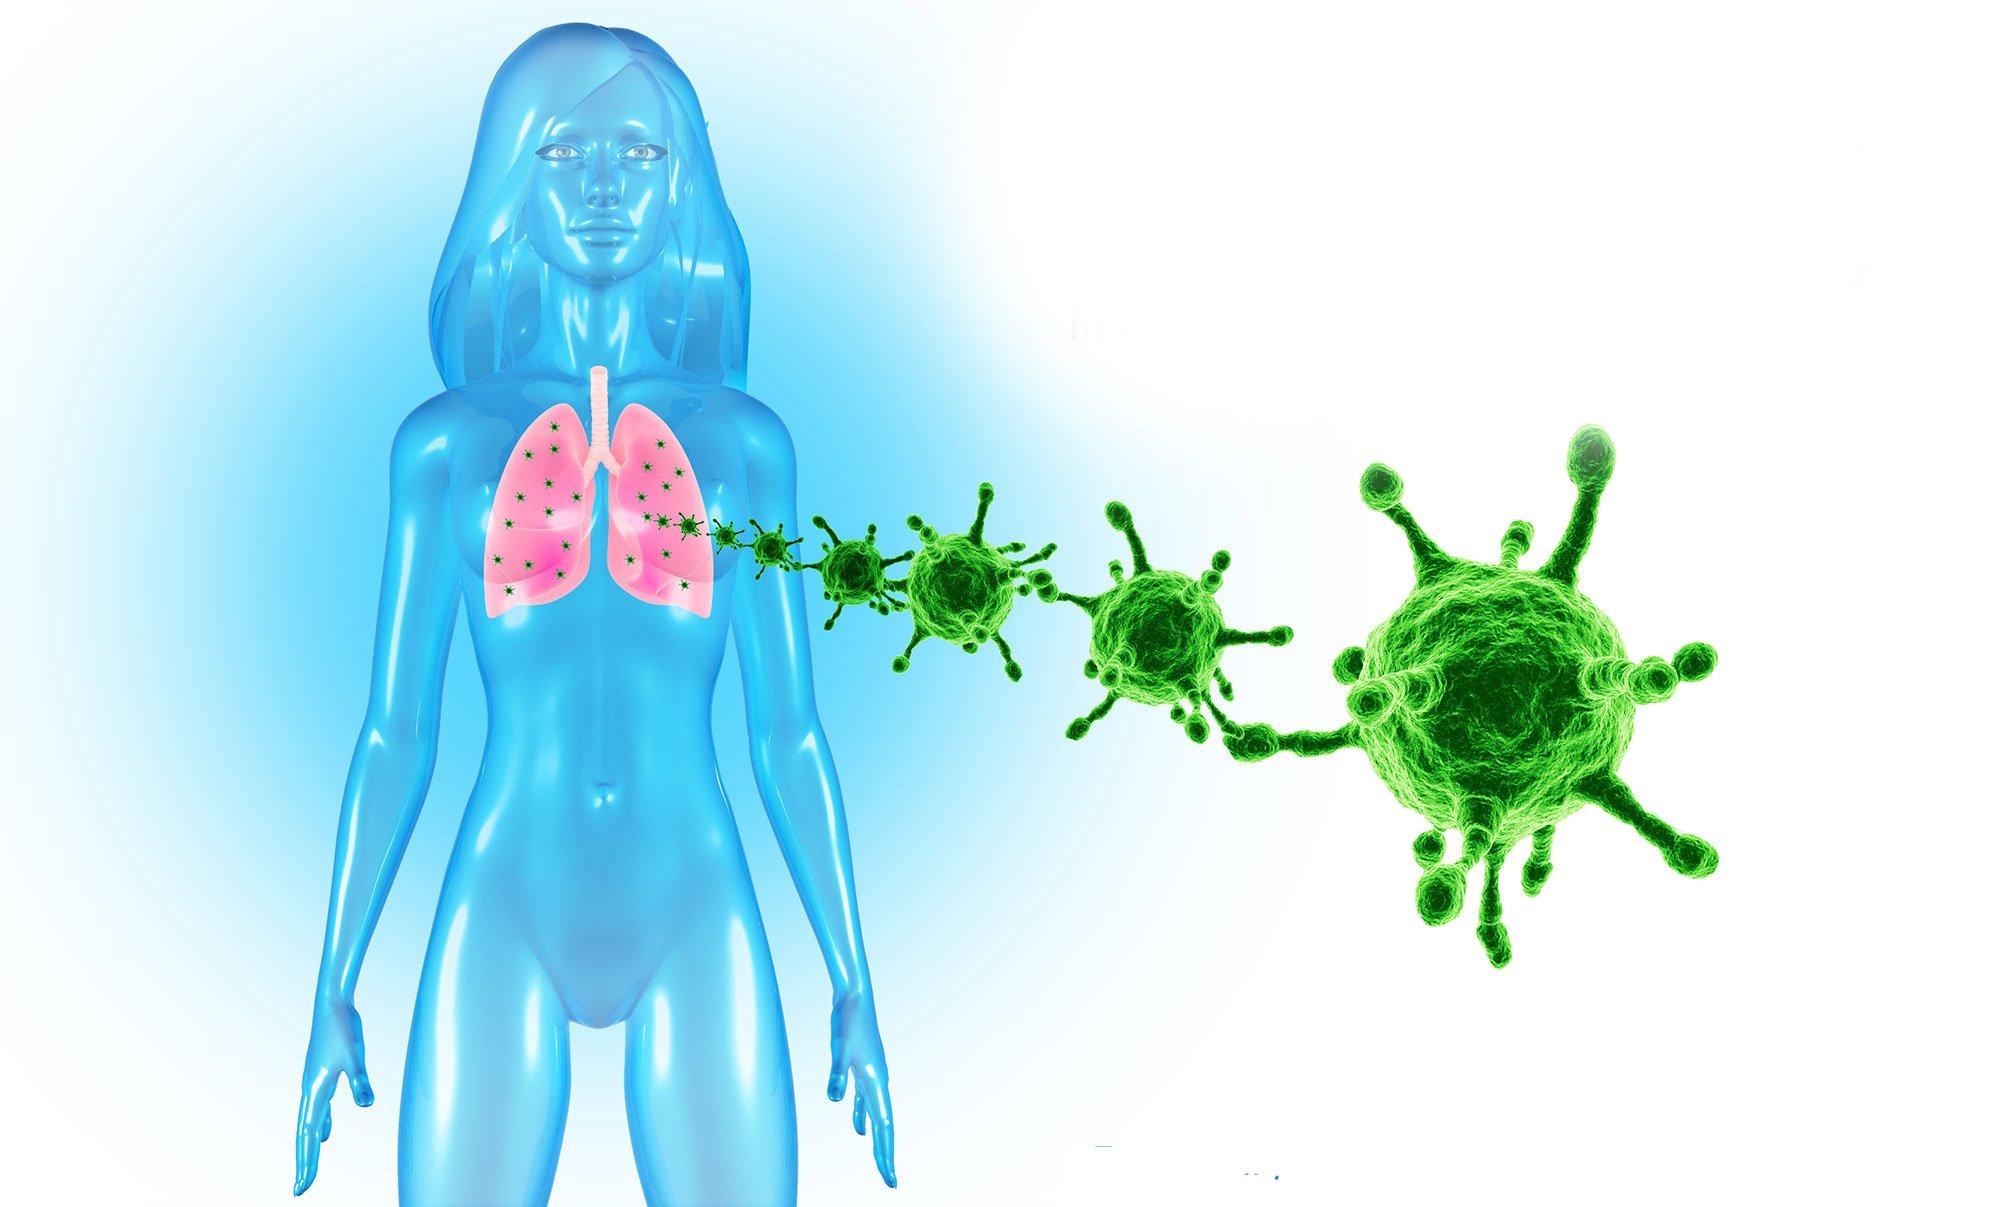 Лимфаденопатия (увеличение лимфоузлов): причины, признаки и симптомы, генерализованная и регионарная лимфаденопатия